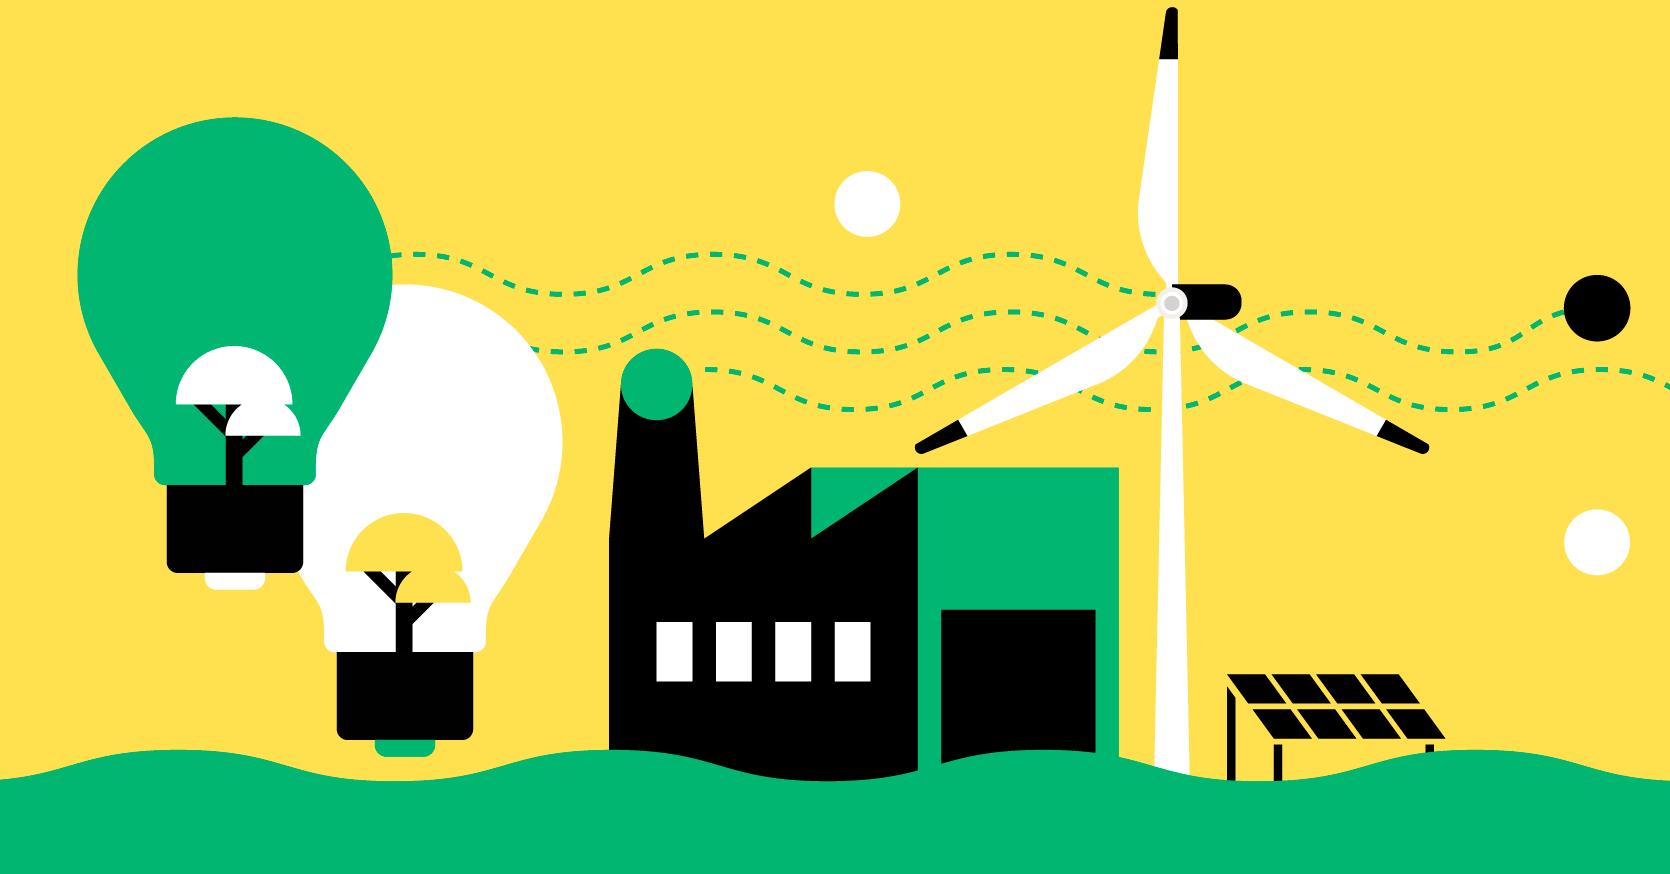 Chi è la green generation? Ecco gli indicatori a cui devono guardare